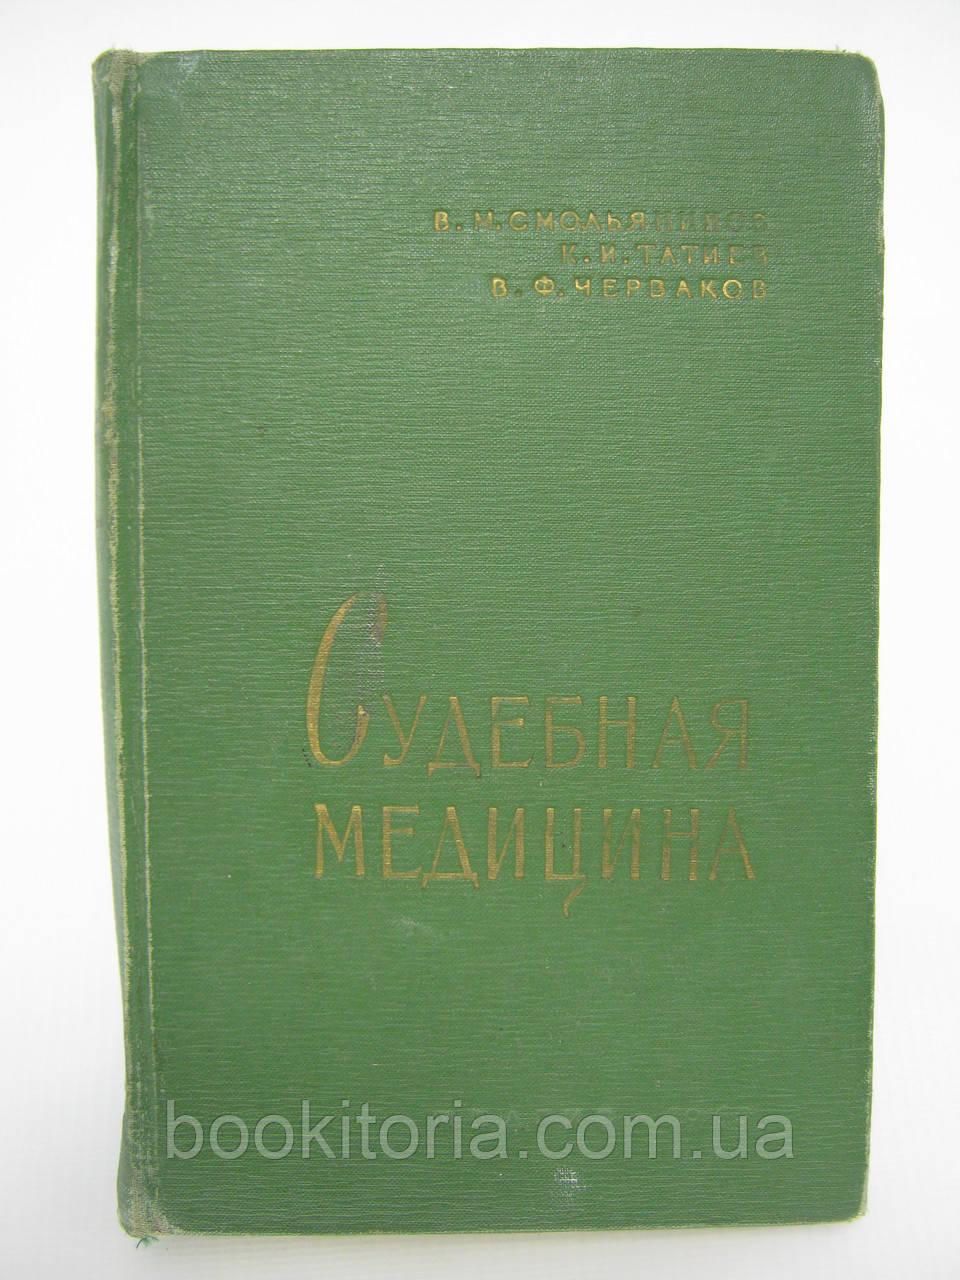 Смольянинов В.М. и др. Судебная медицина (б/у).